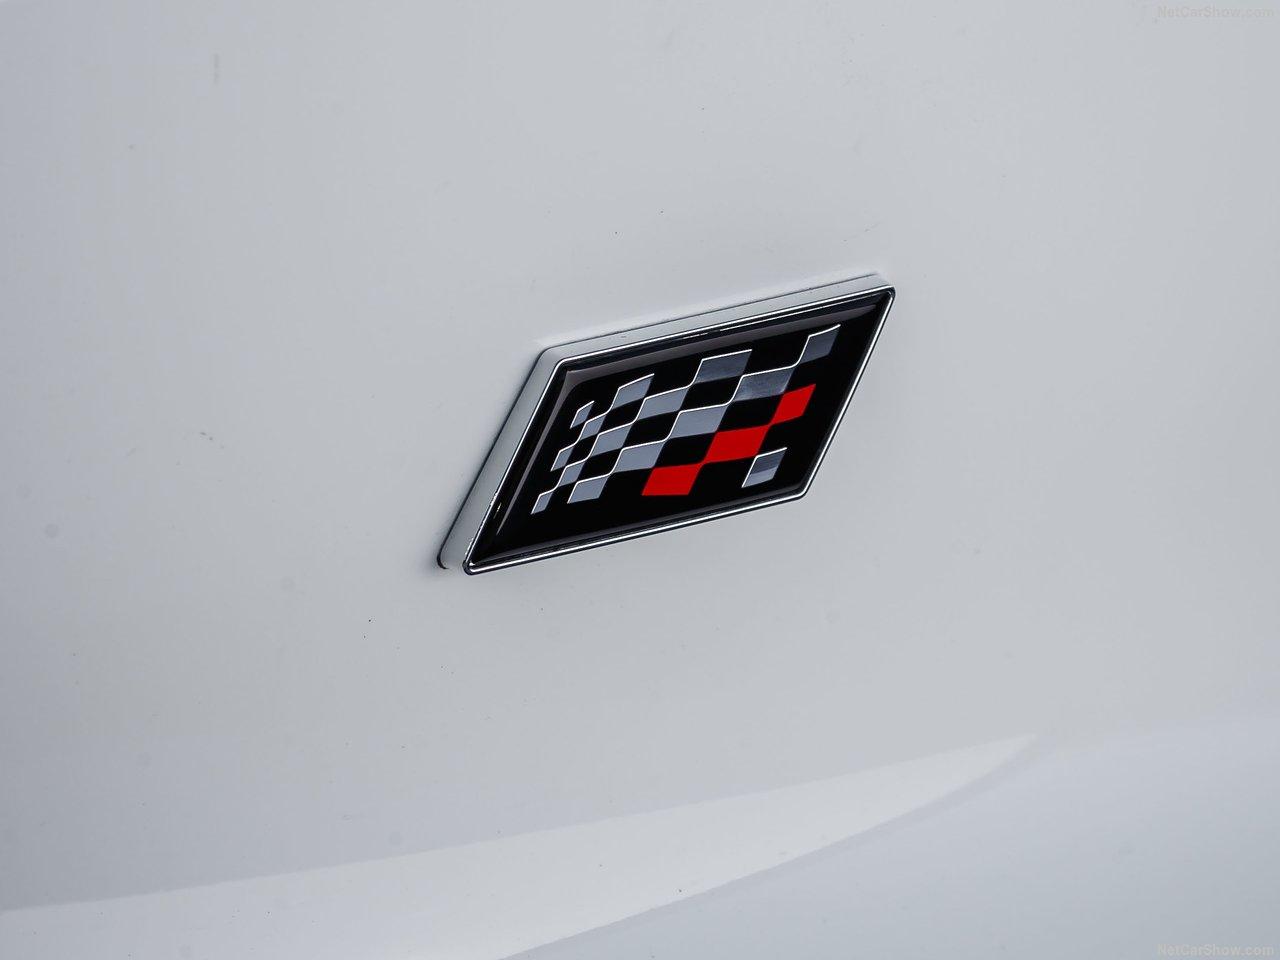 Jaguar F-Type Checkered Flag Limited Edition festeja os 70 anos de modelos desportivos